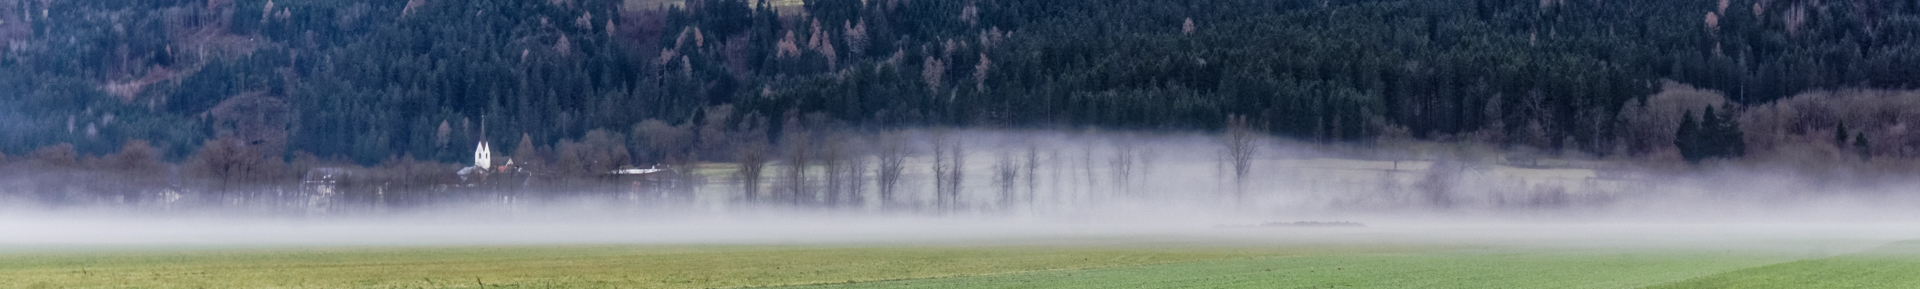 Meine Frau liebt Nebelbilder...